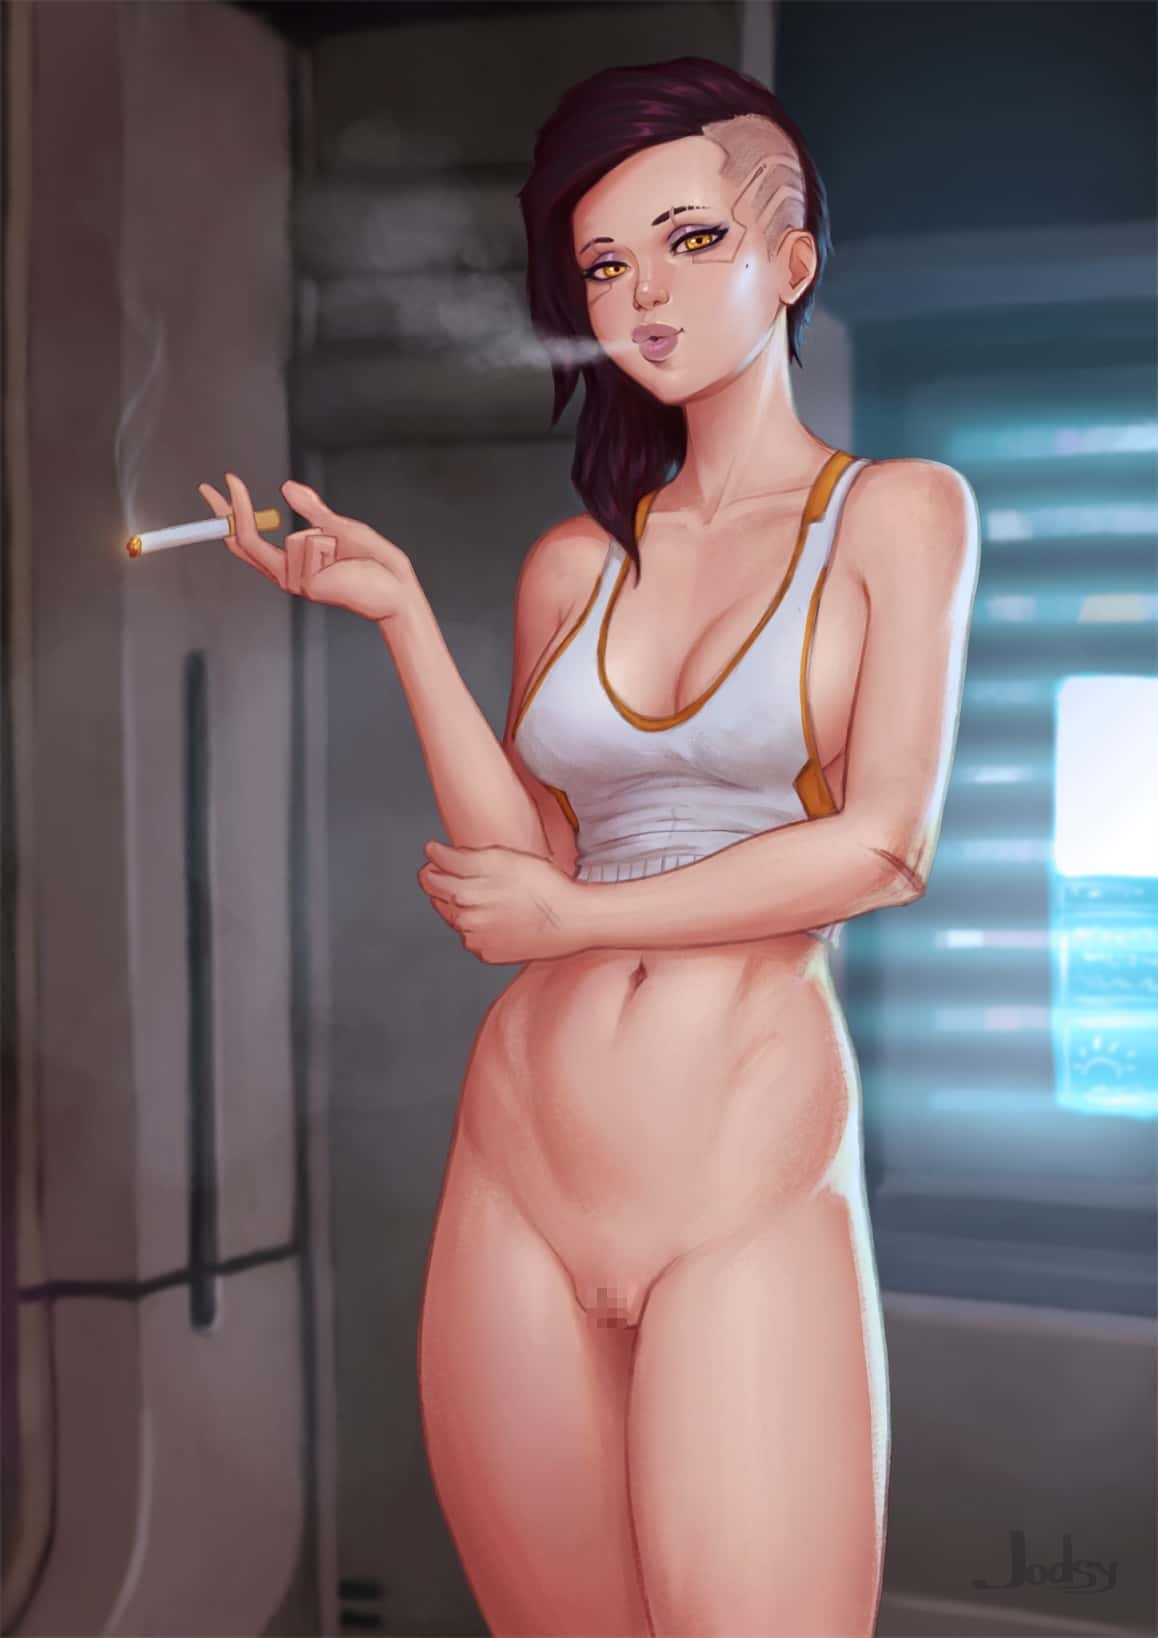 hentai cyberpunk 20776 - 【ゲーム】「サイバーパンク2077」のエロ画像:イラスト